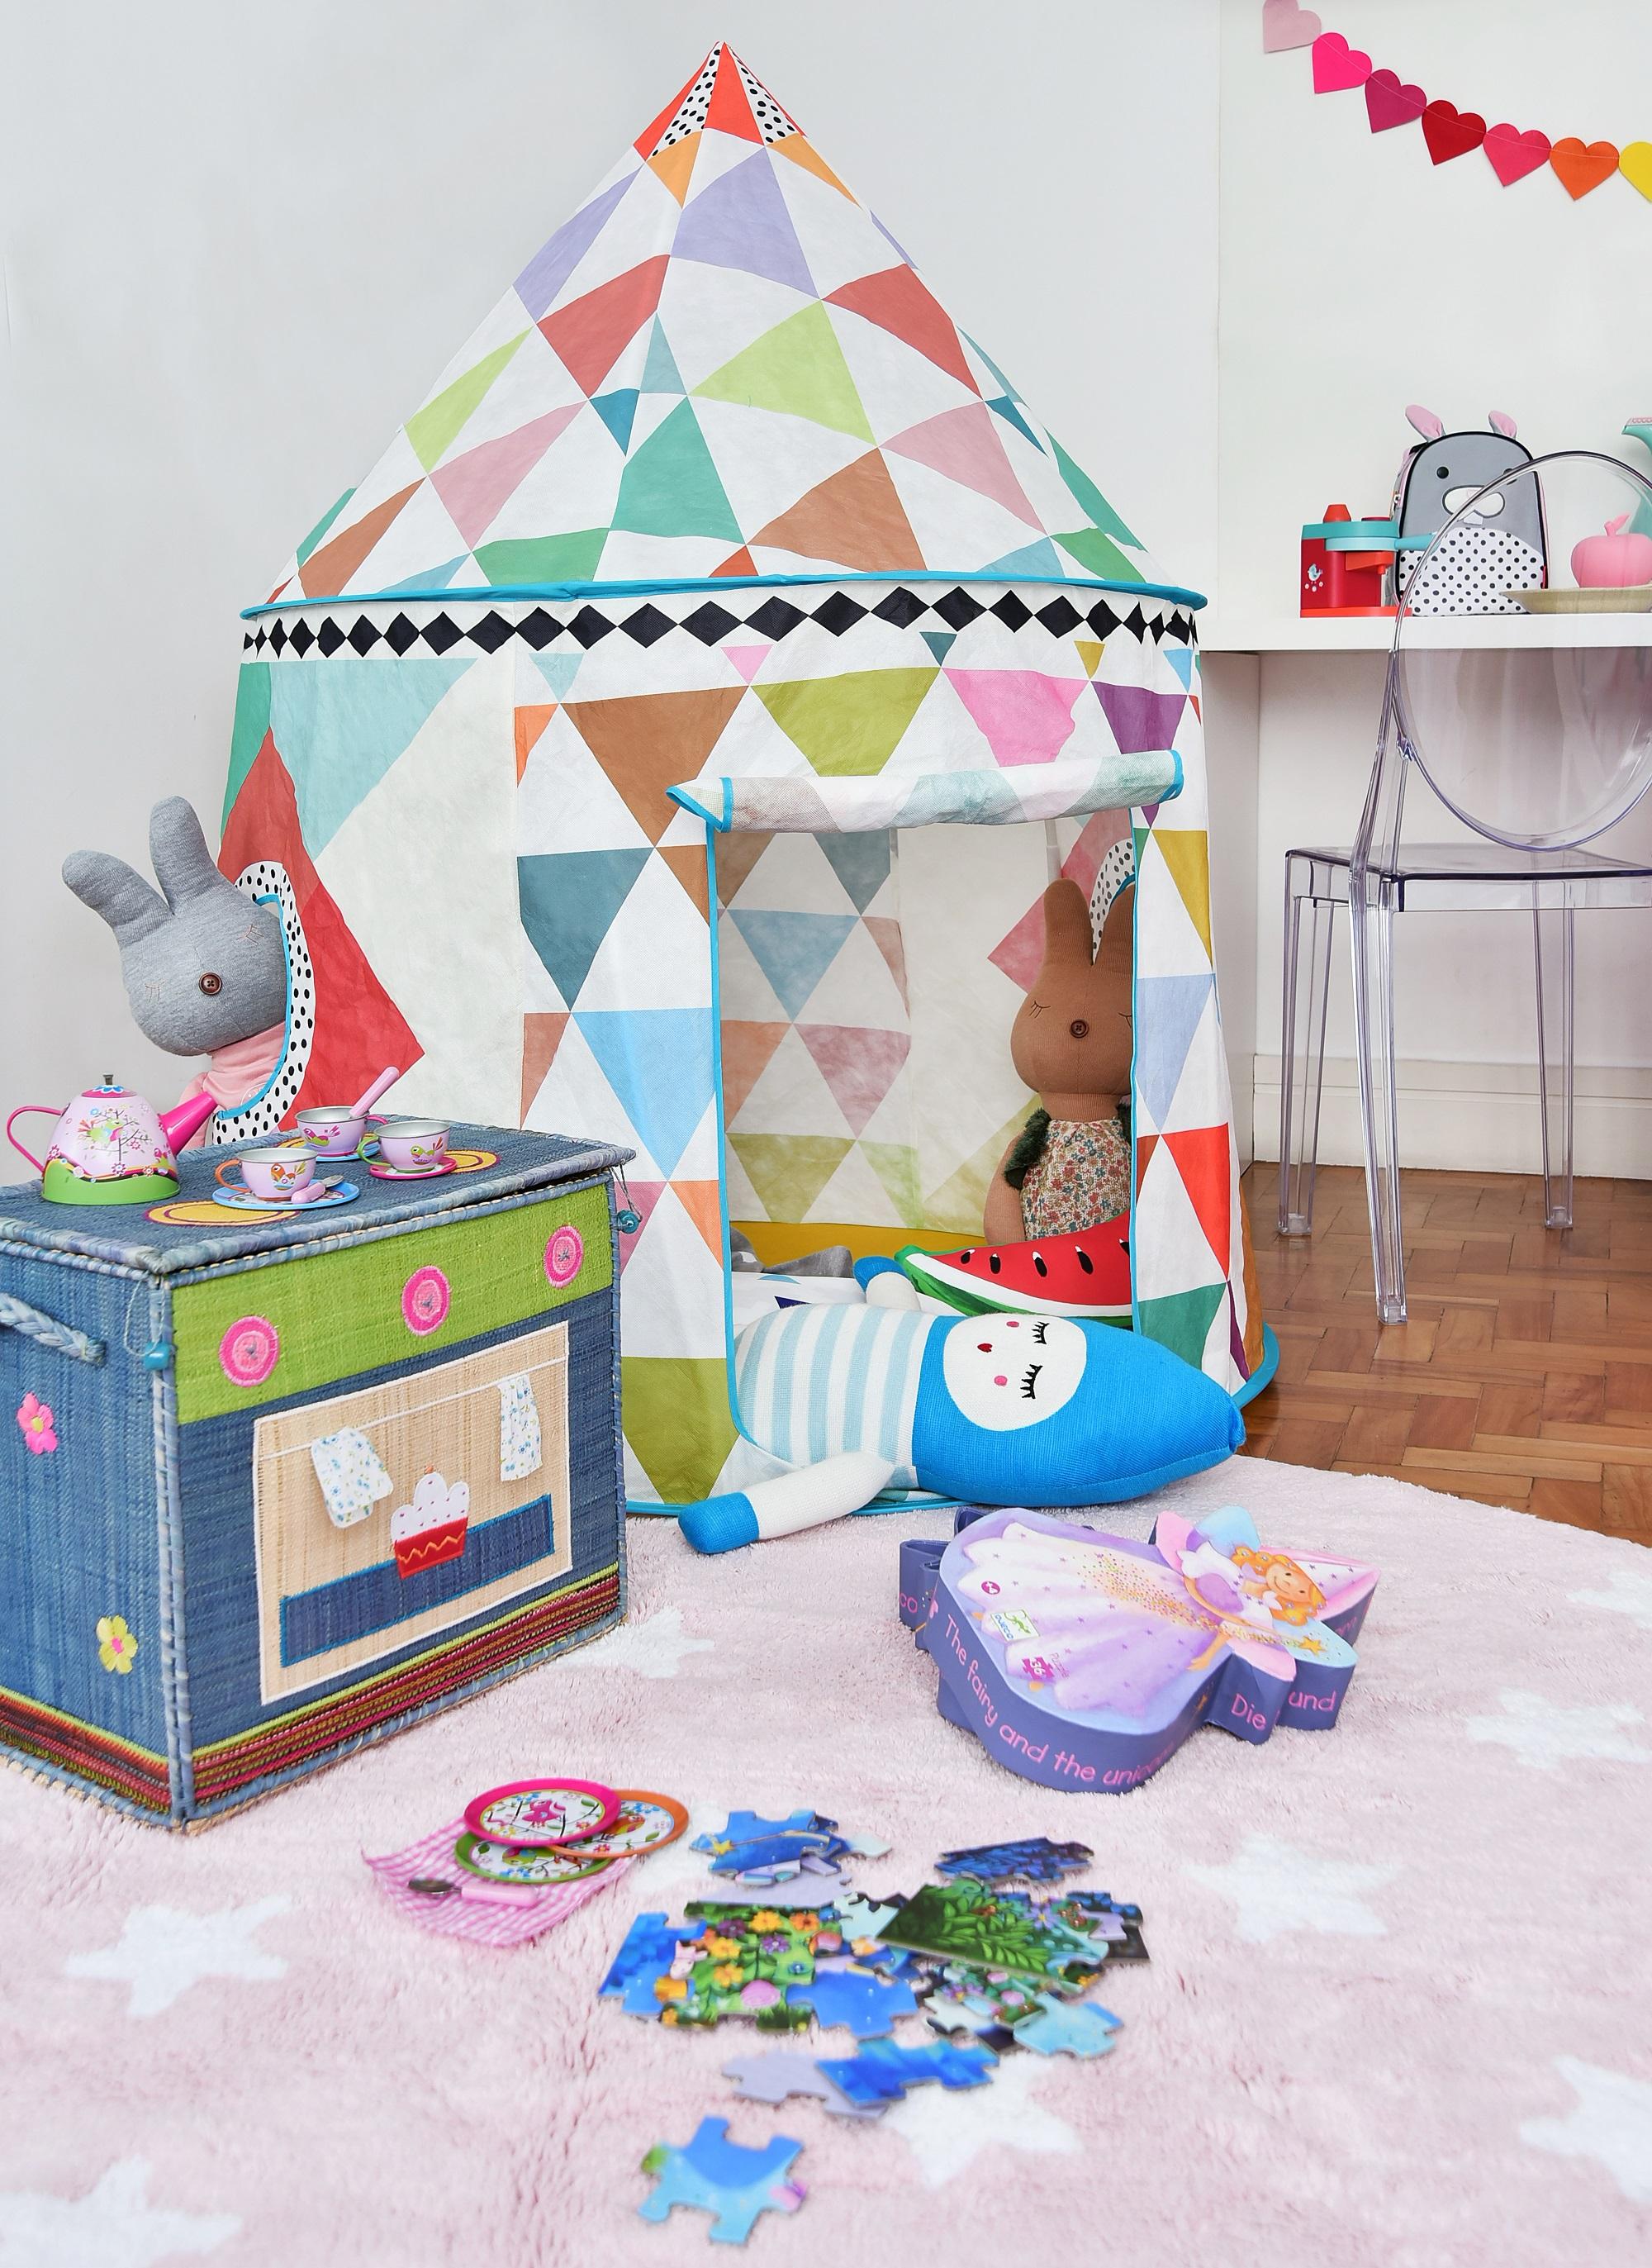 5-inspiracao-do-dia-quarto-infantil-colorido-com-area-destinada-a-diversao